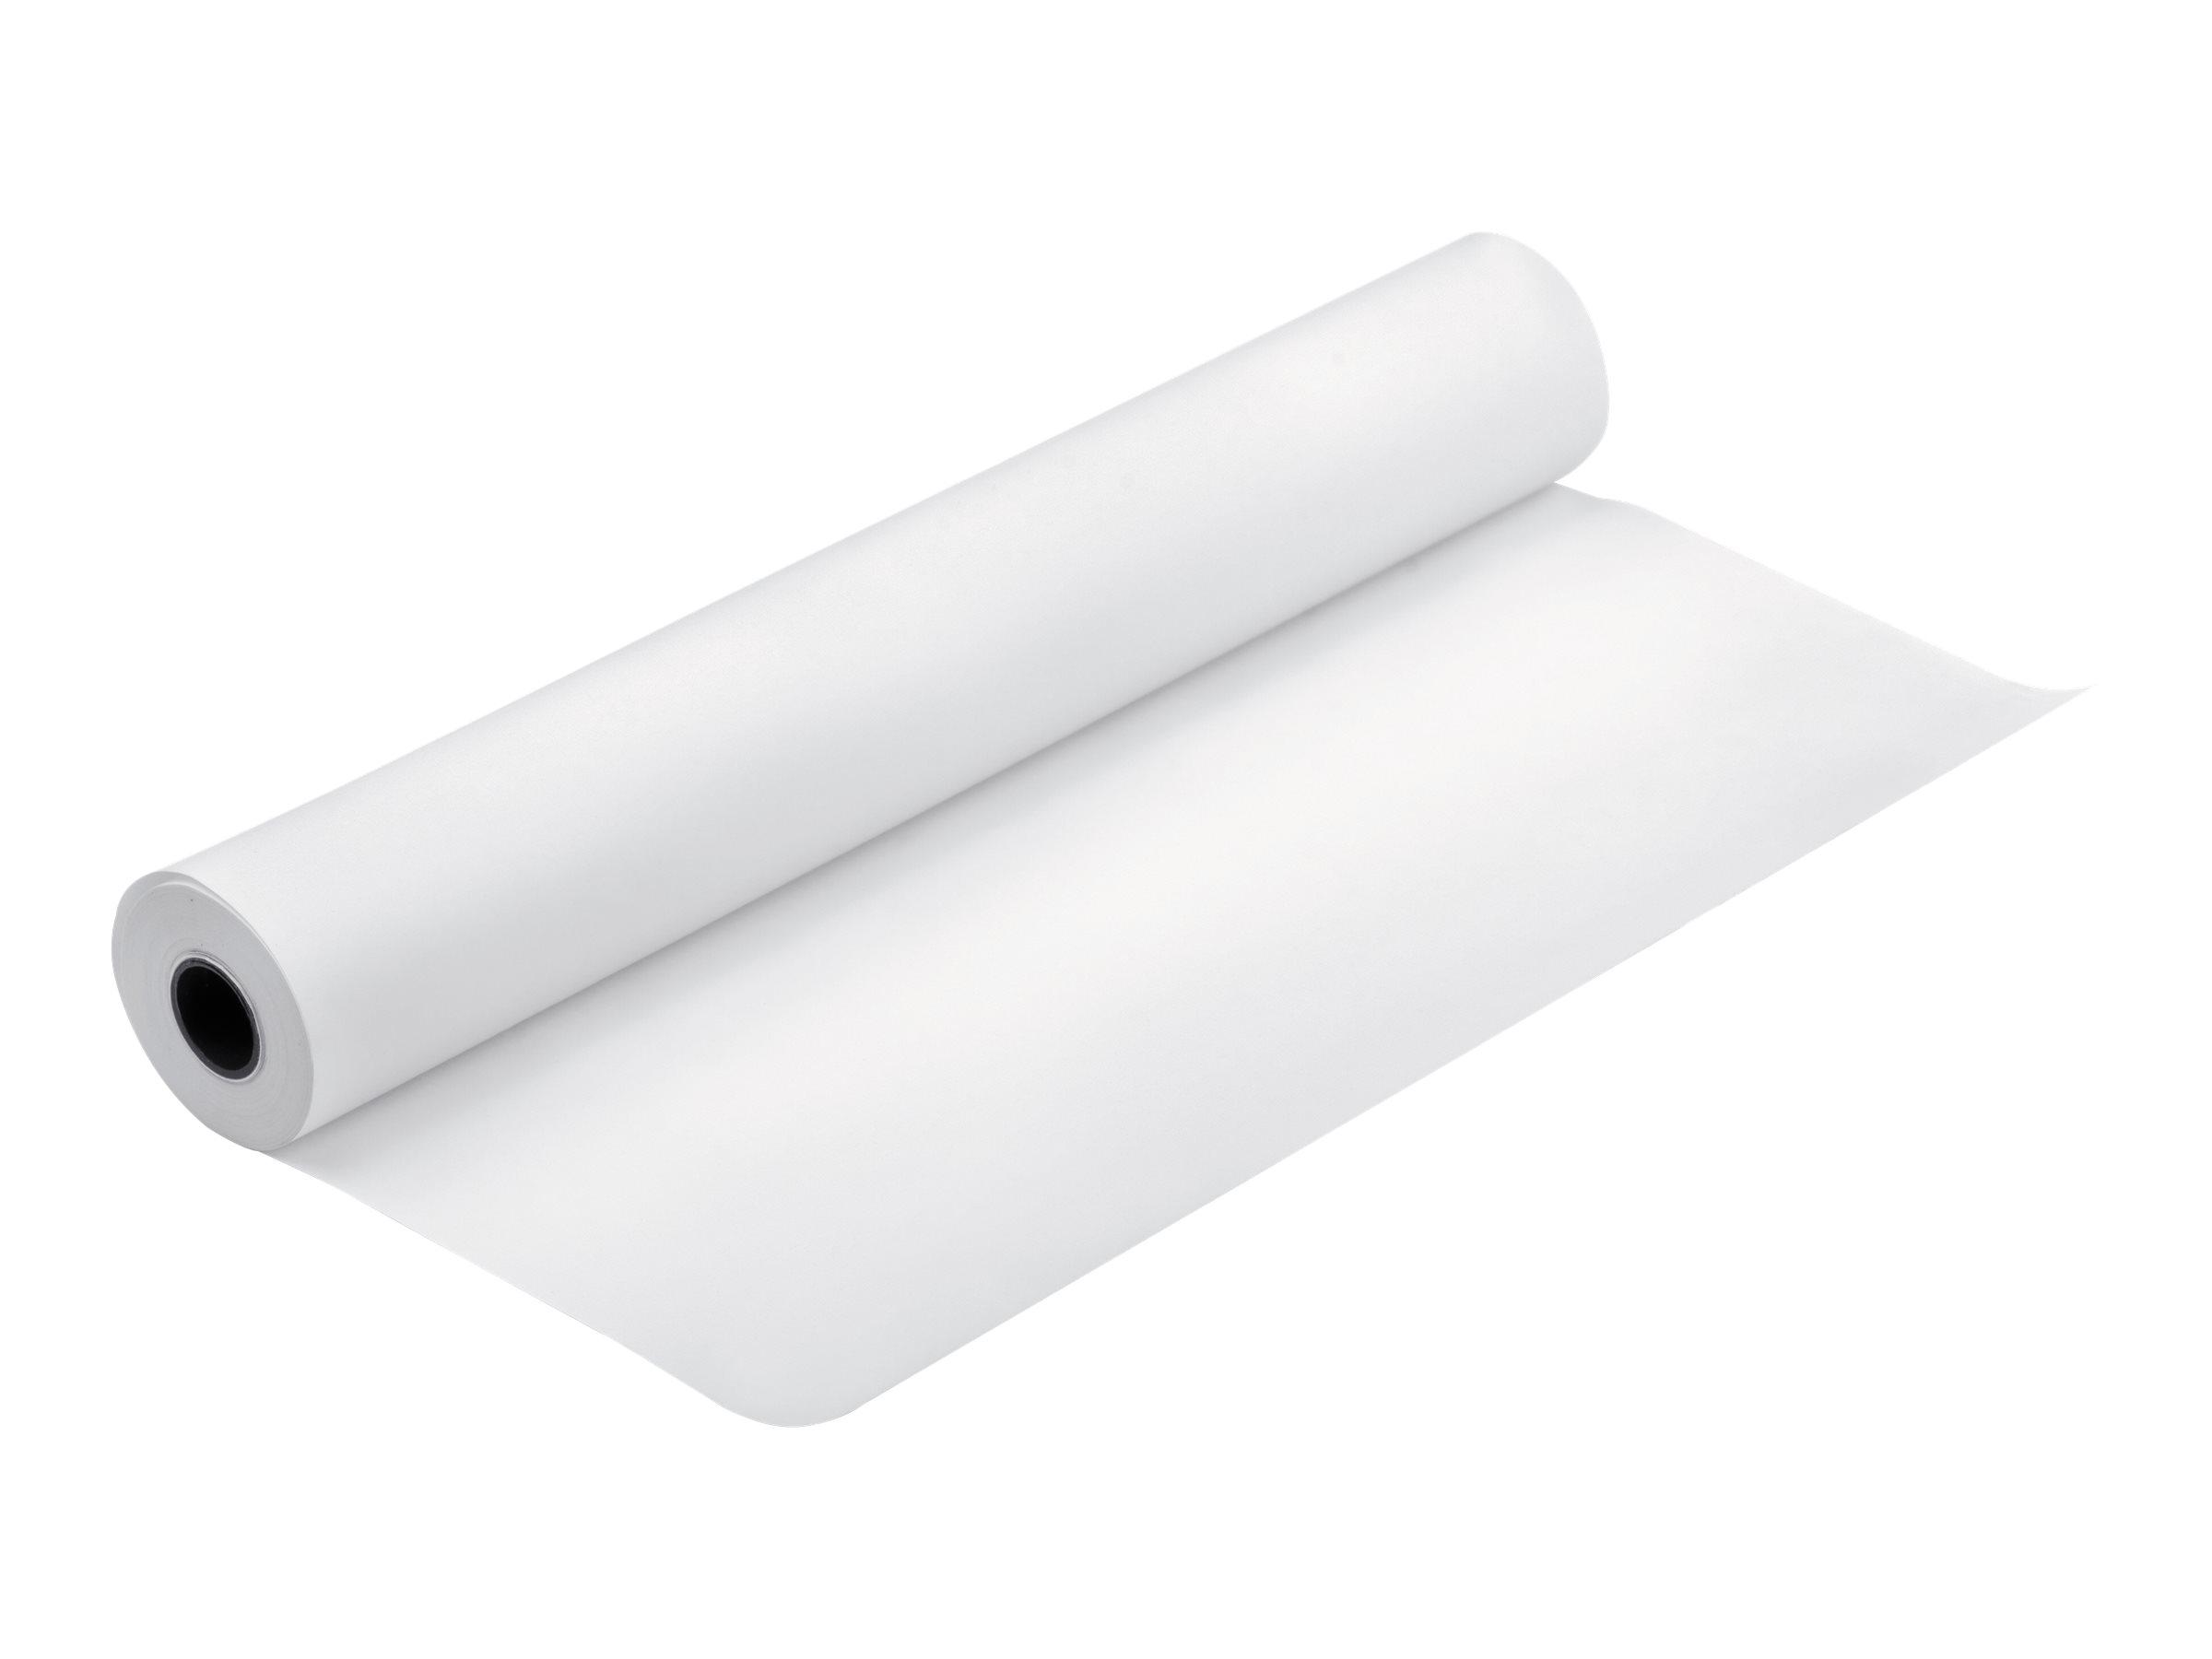 Epson Premium Semigloss Photo Paper - Halbglänzend - Rolle (111,8 cm x 30,5 m) - 165 g/m² - 1 Rolle(n) Fotopapier - für Stylus P